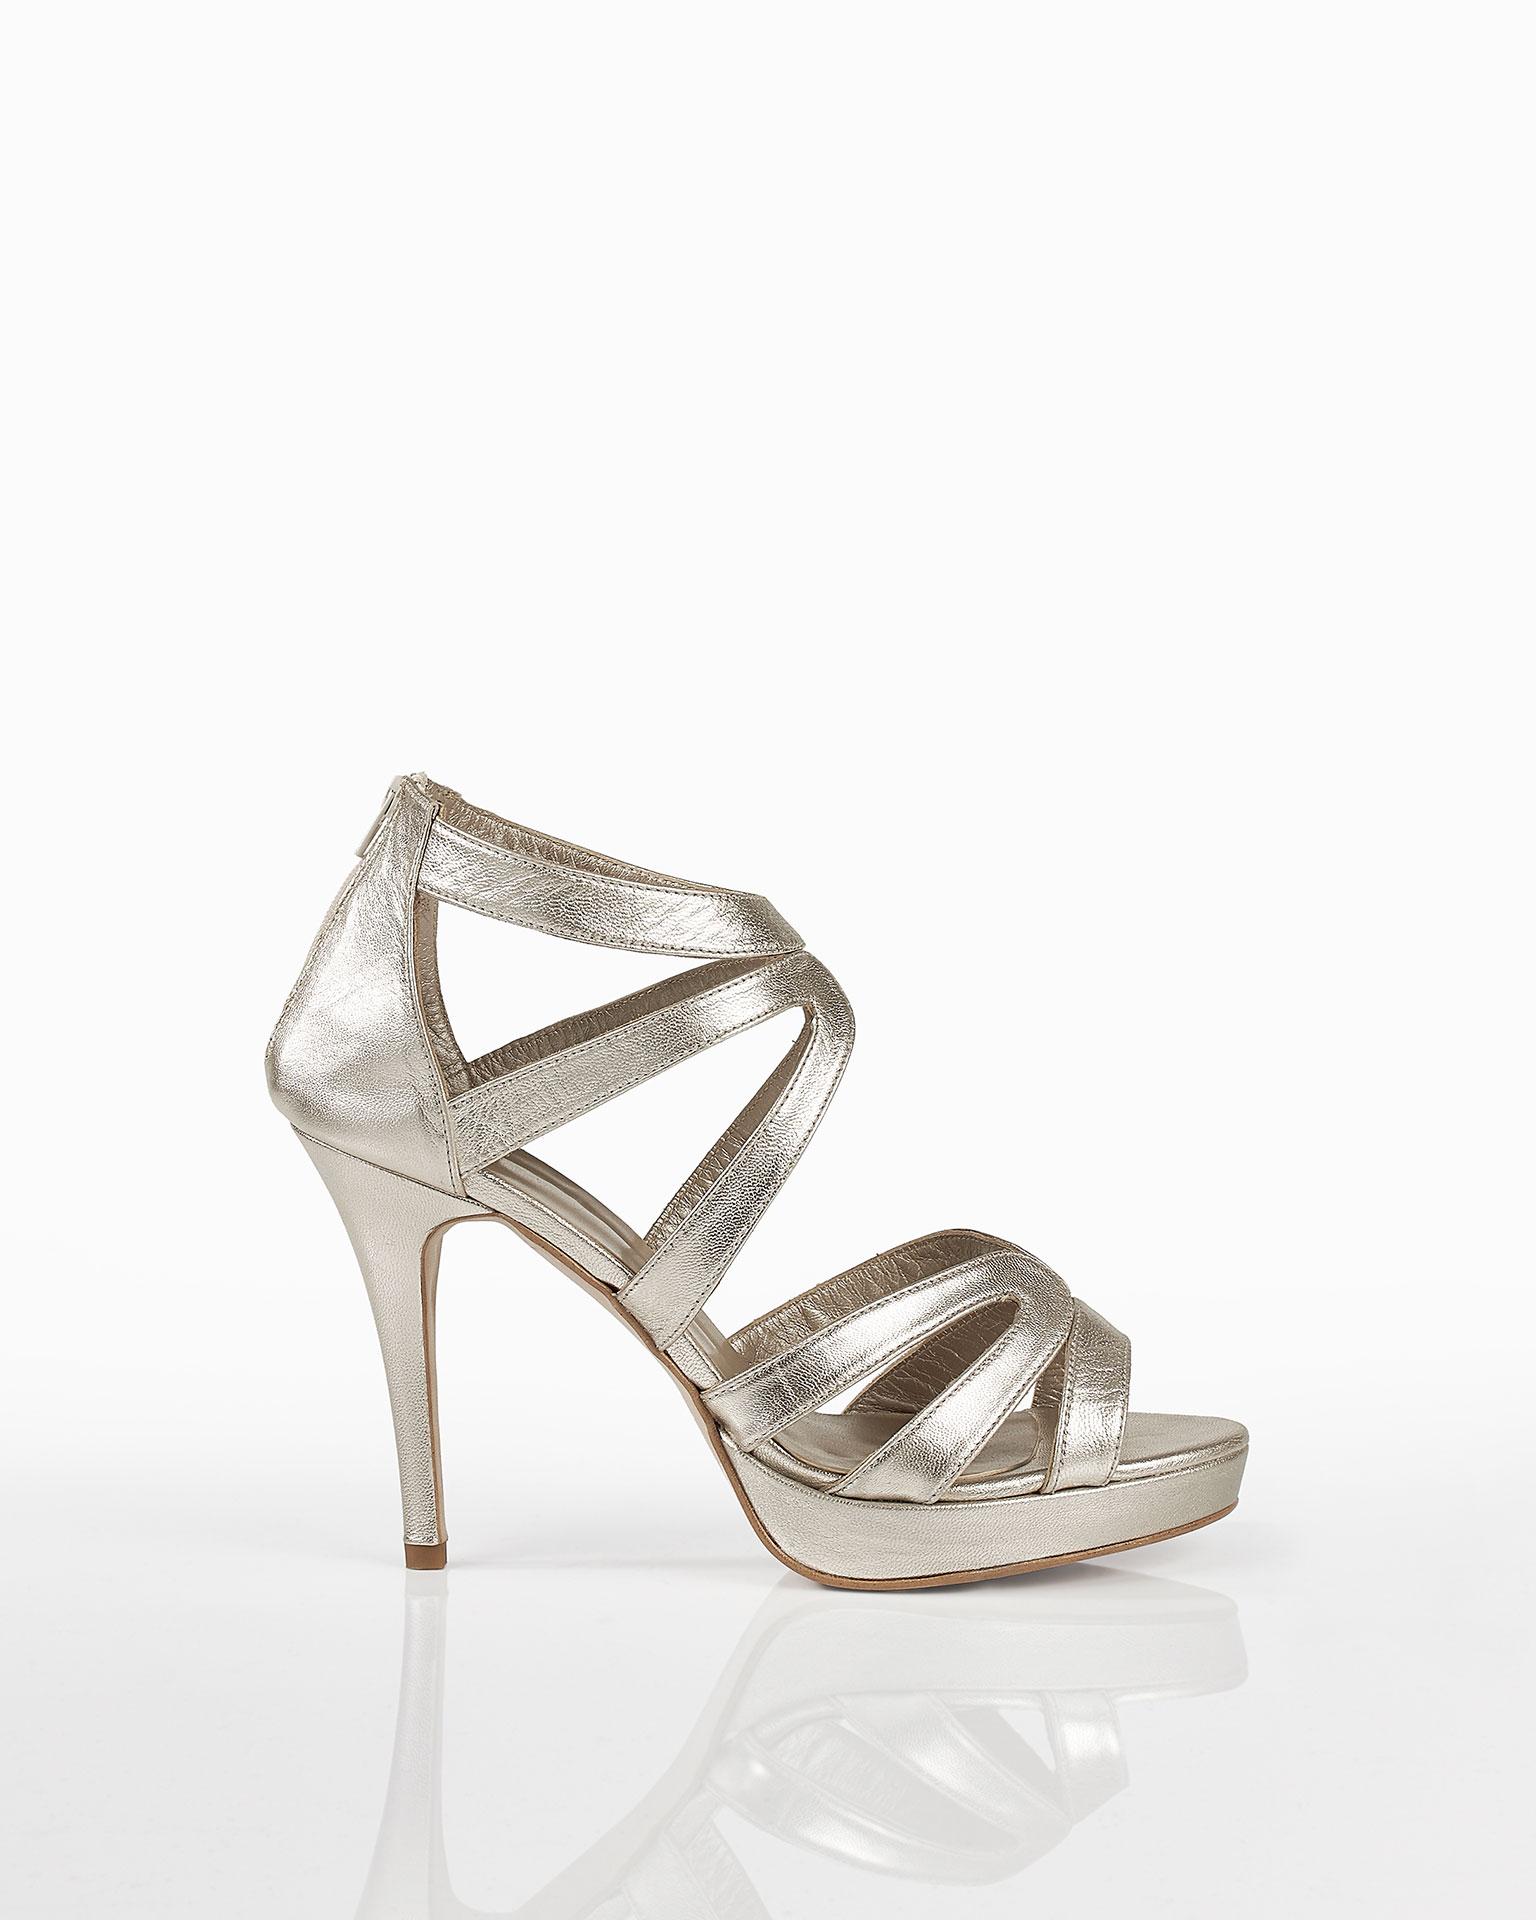 Sandália em pele com salto de 90 mm. Disponível em dourado e cor das dunas. Coleção FIESTA AIRE BARCELONA 2019.